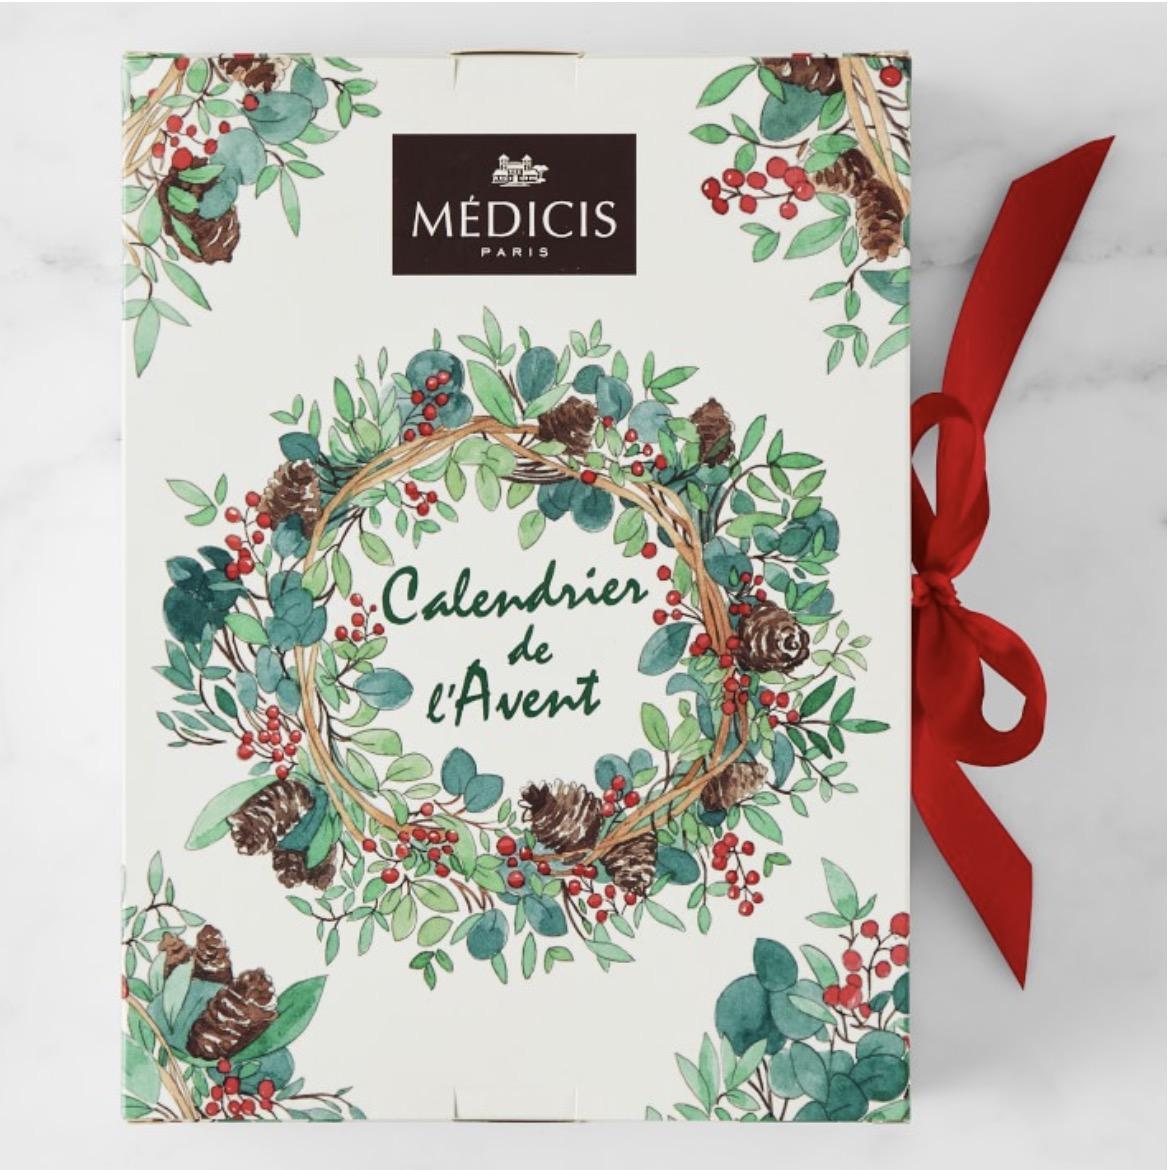 The Medicis Advent Calendar – Now Available